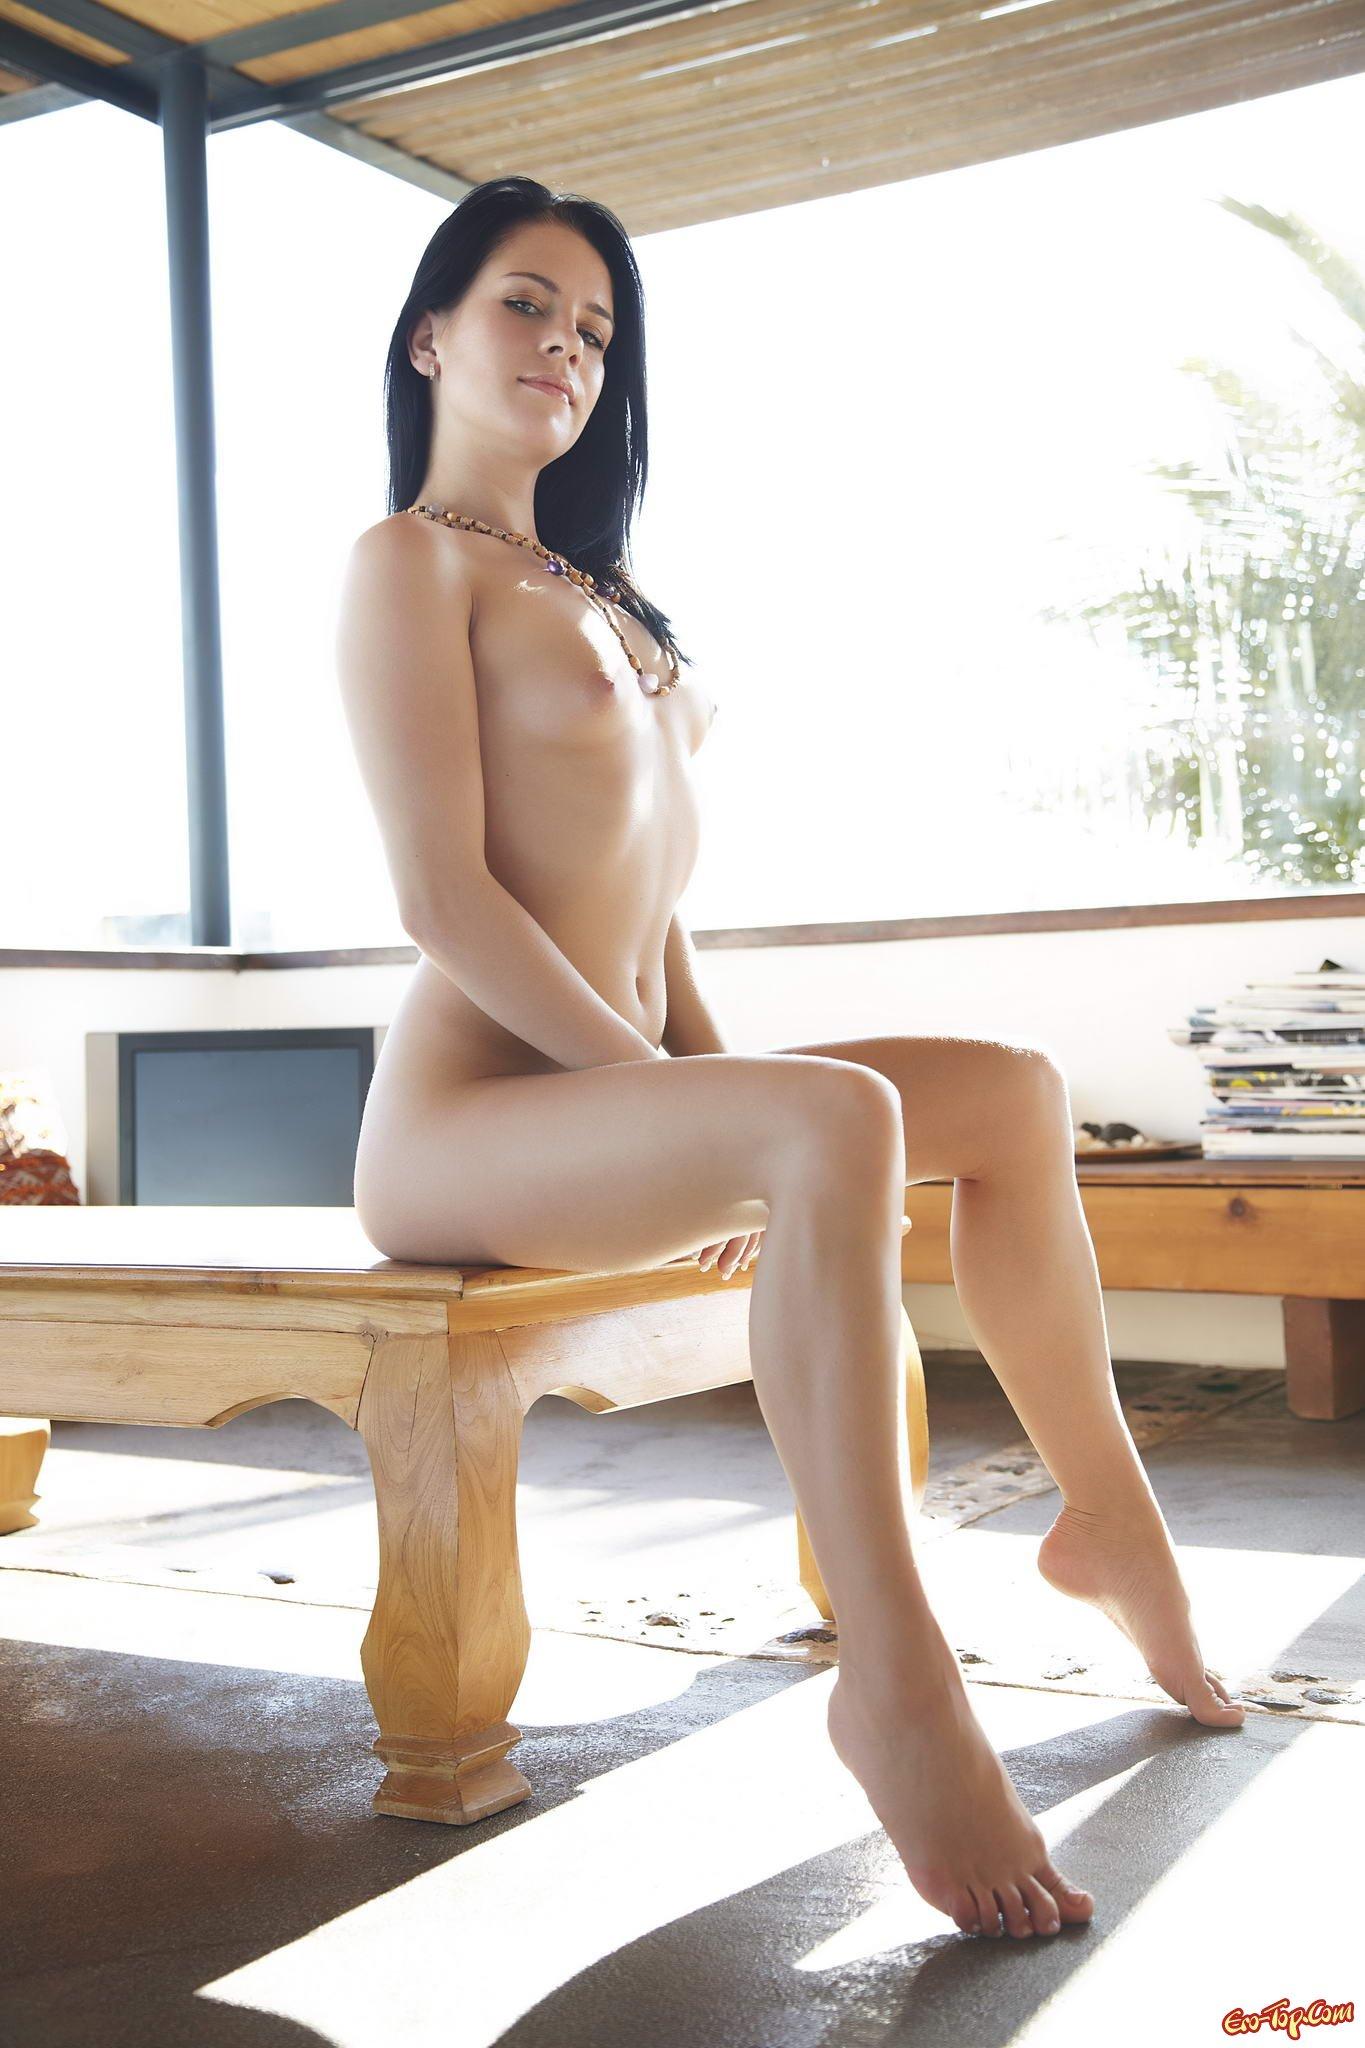 Голая на столе секс фото